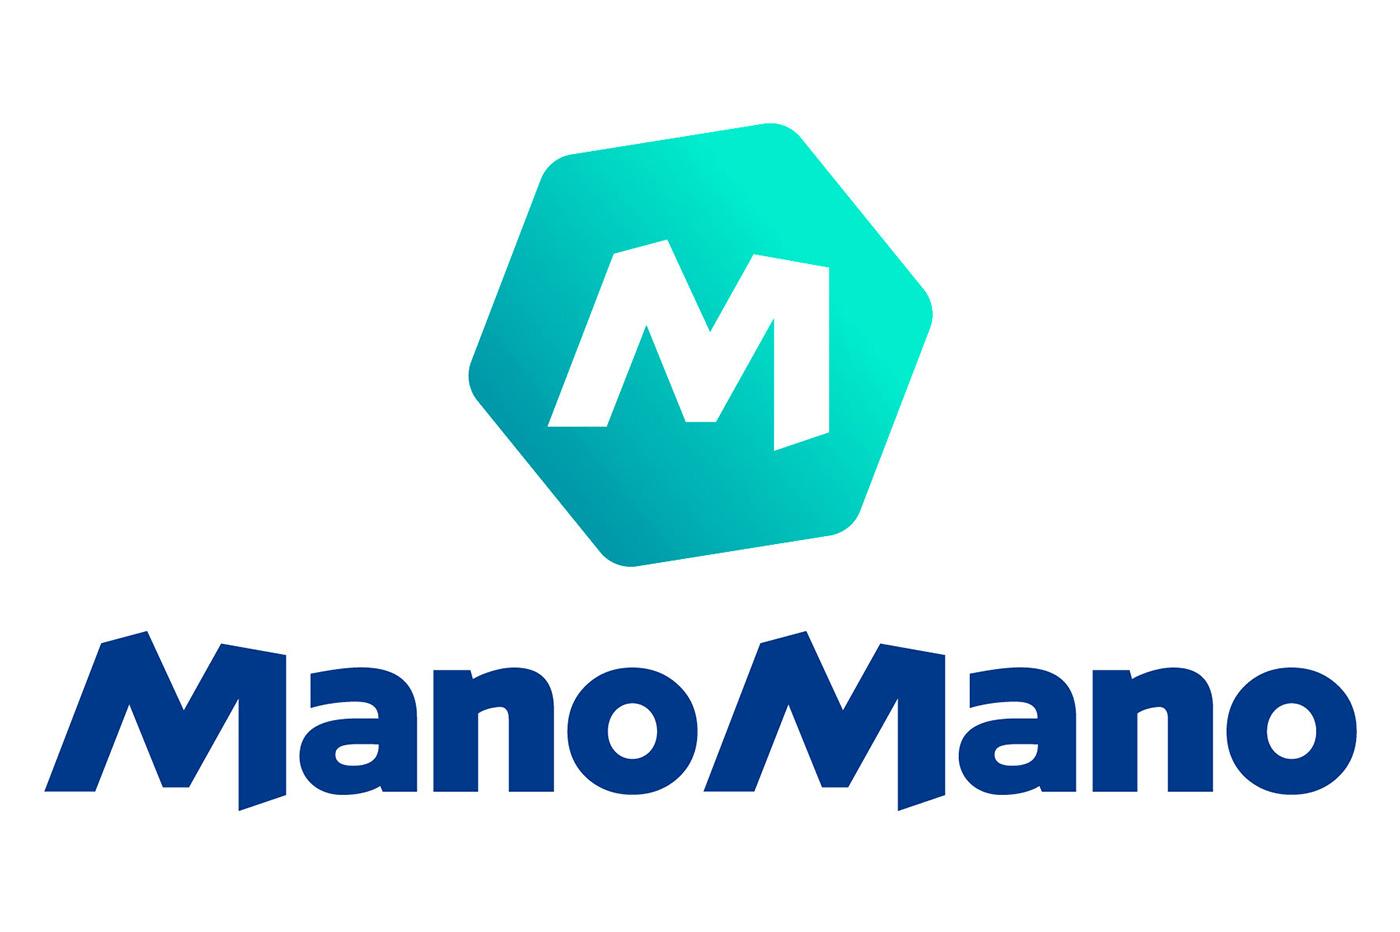 ManoMano s'exporte à l'international grâce au e-commerce